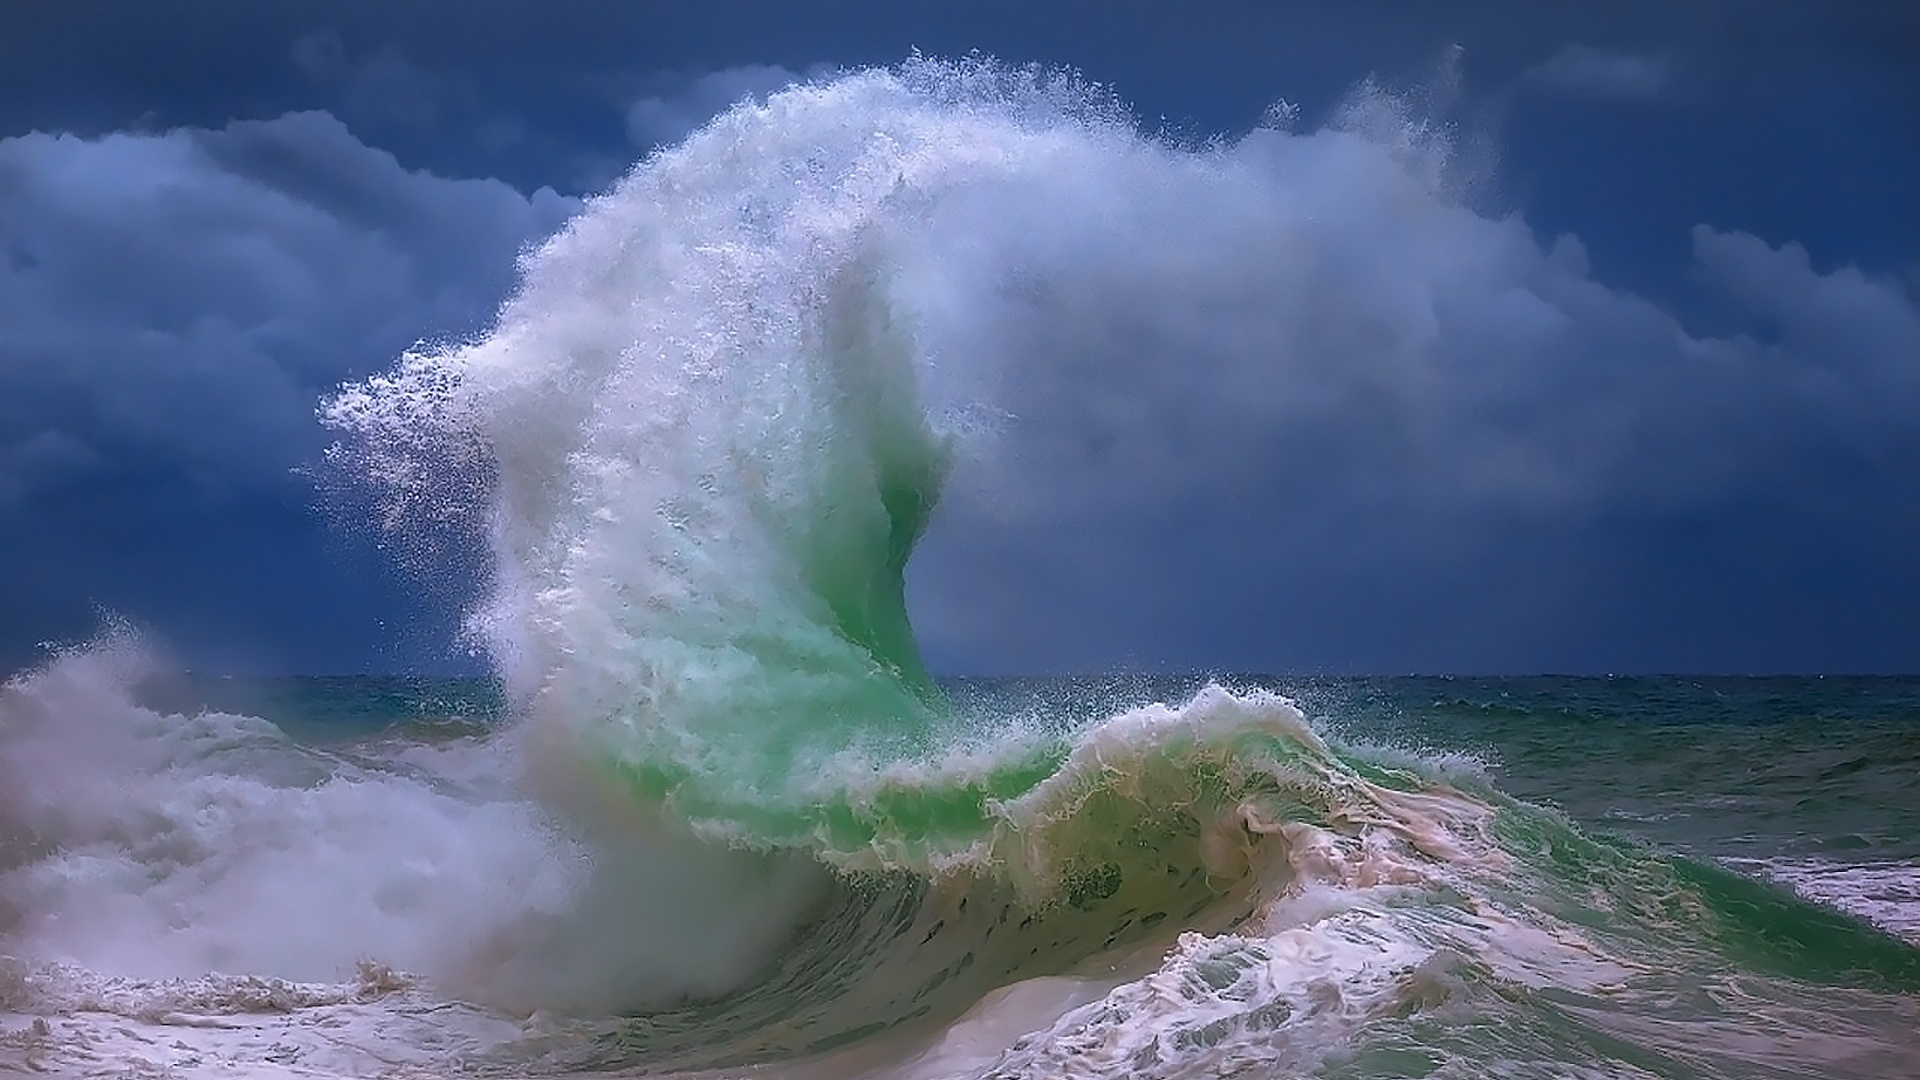 синем картинка волна утром роль театре